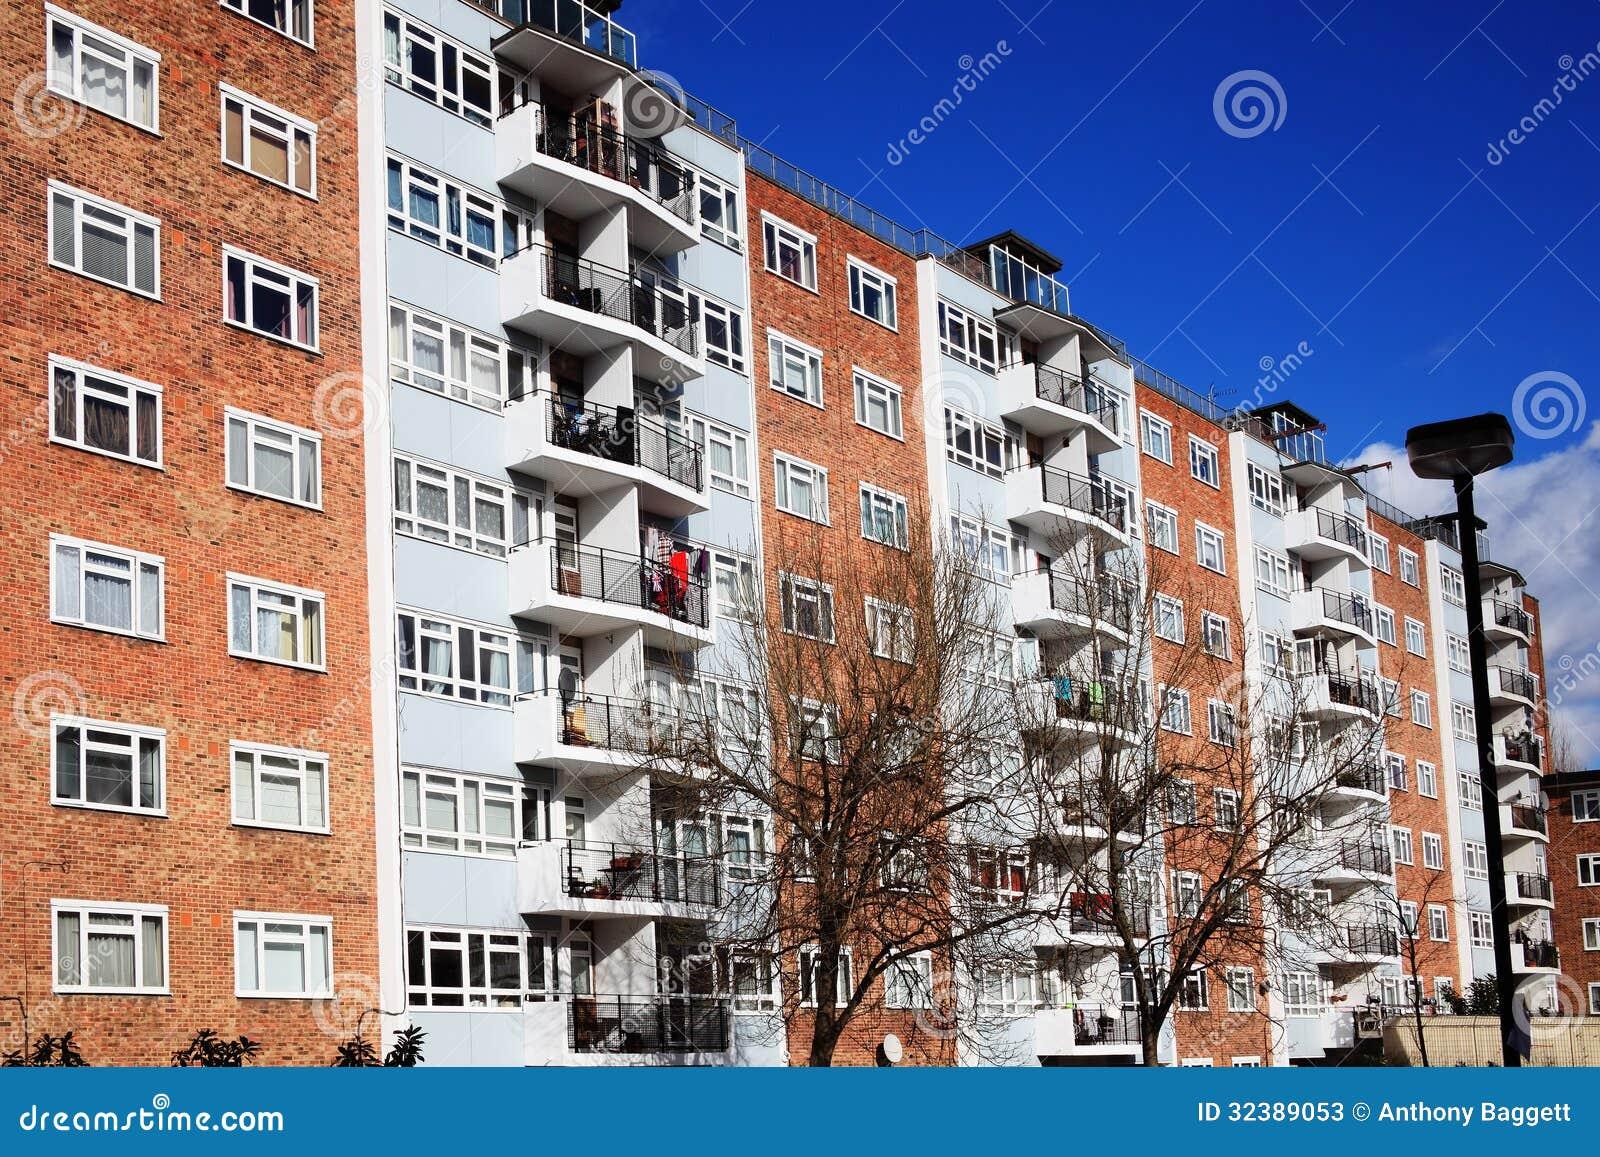 Социальное жилье в лондоне фото